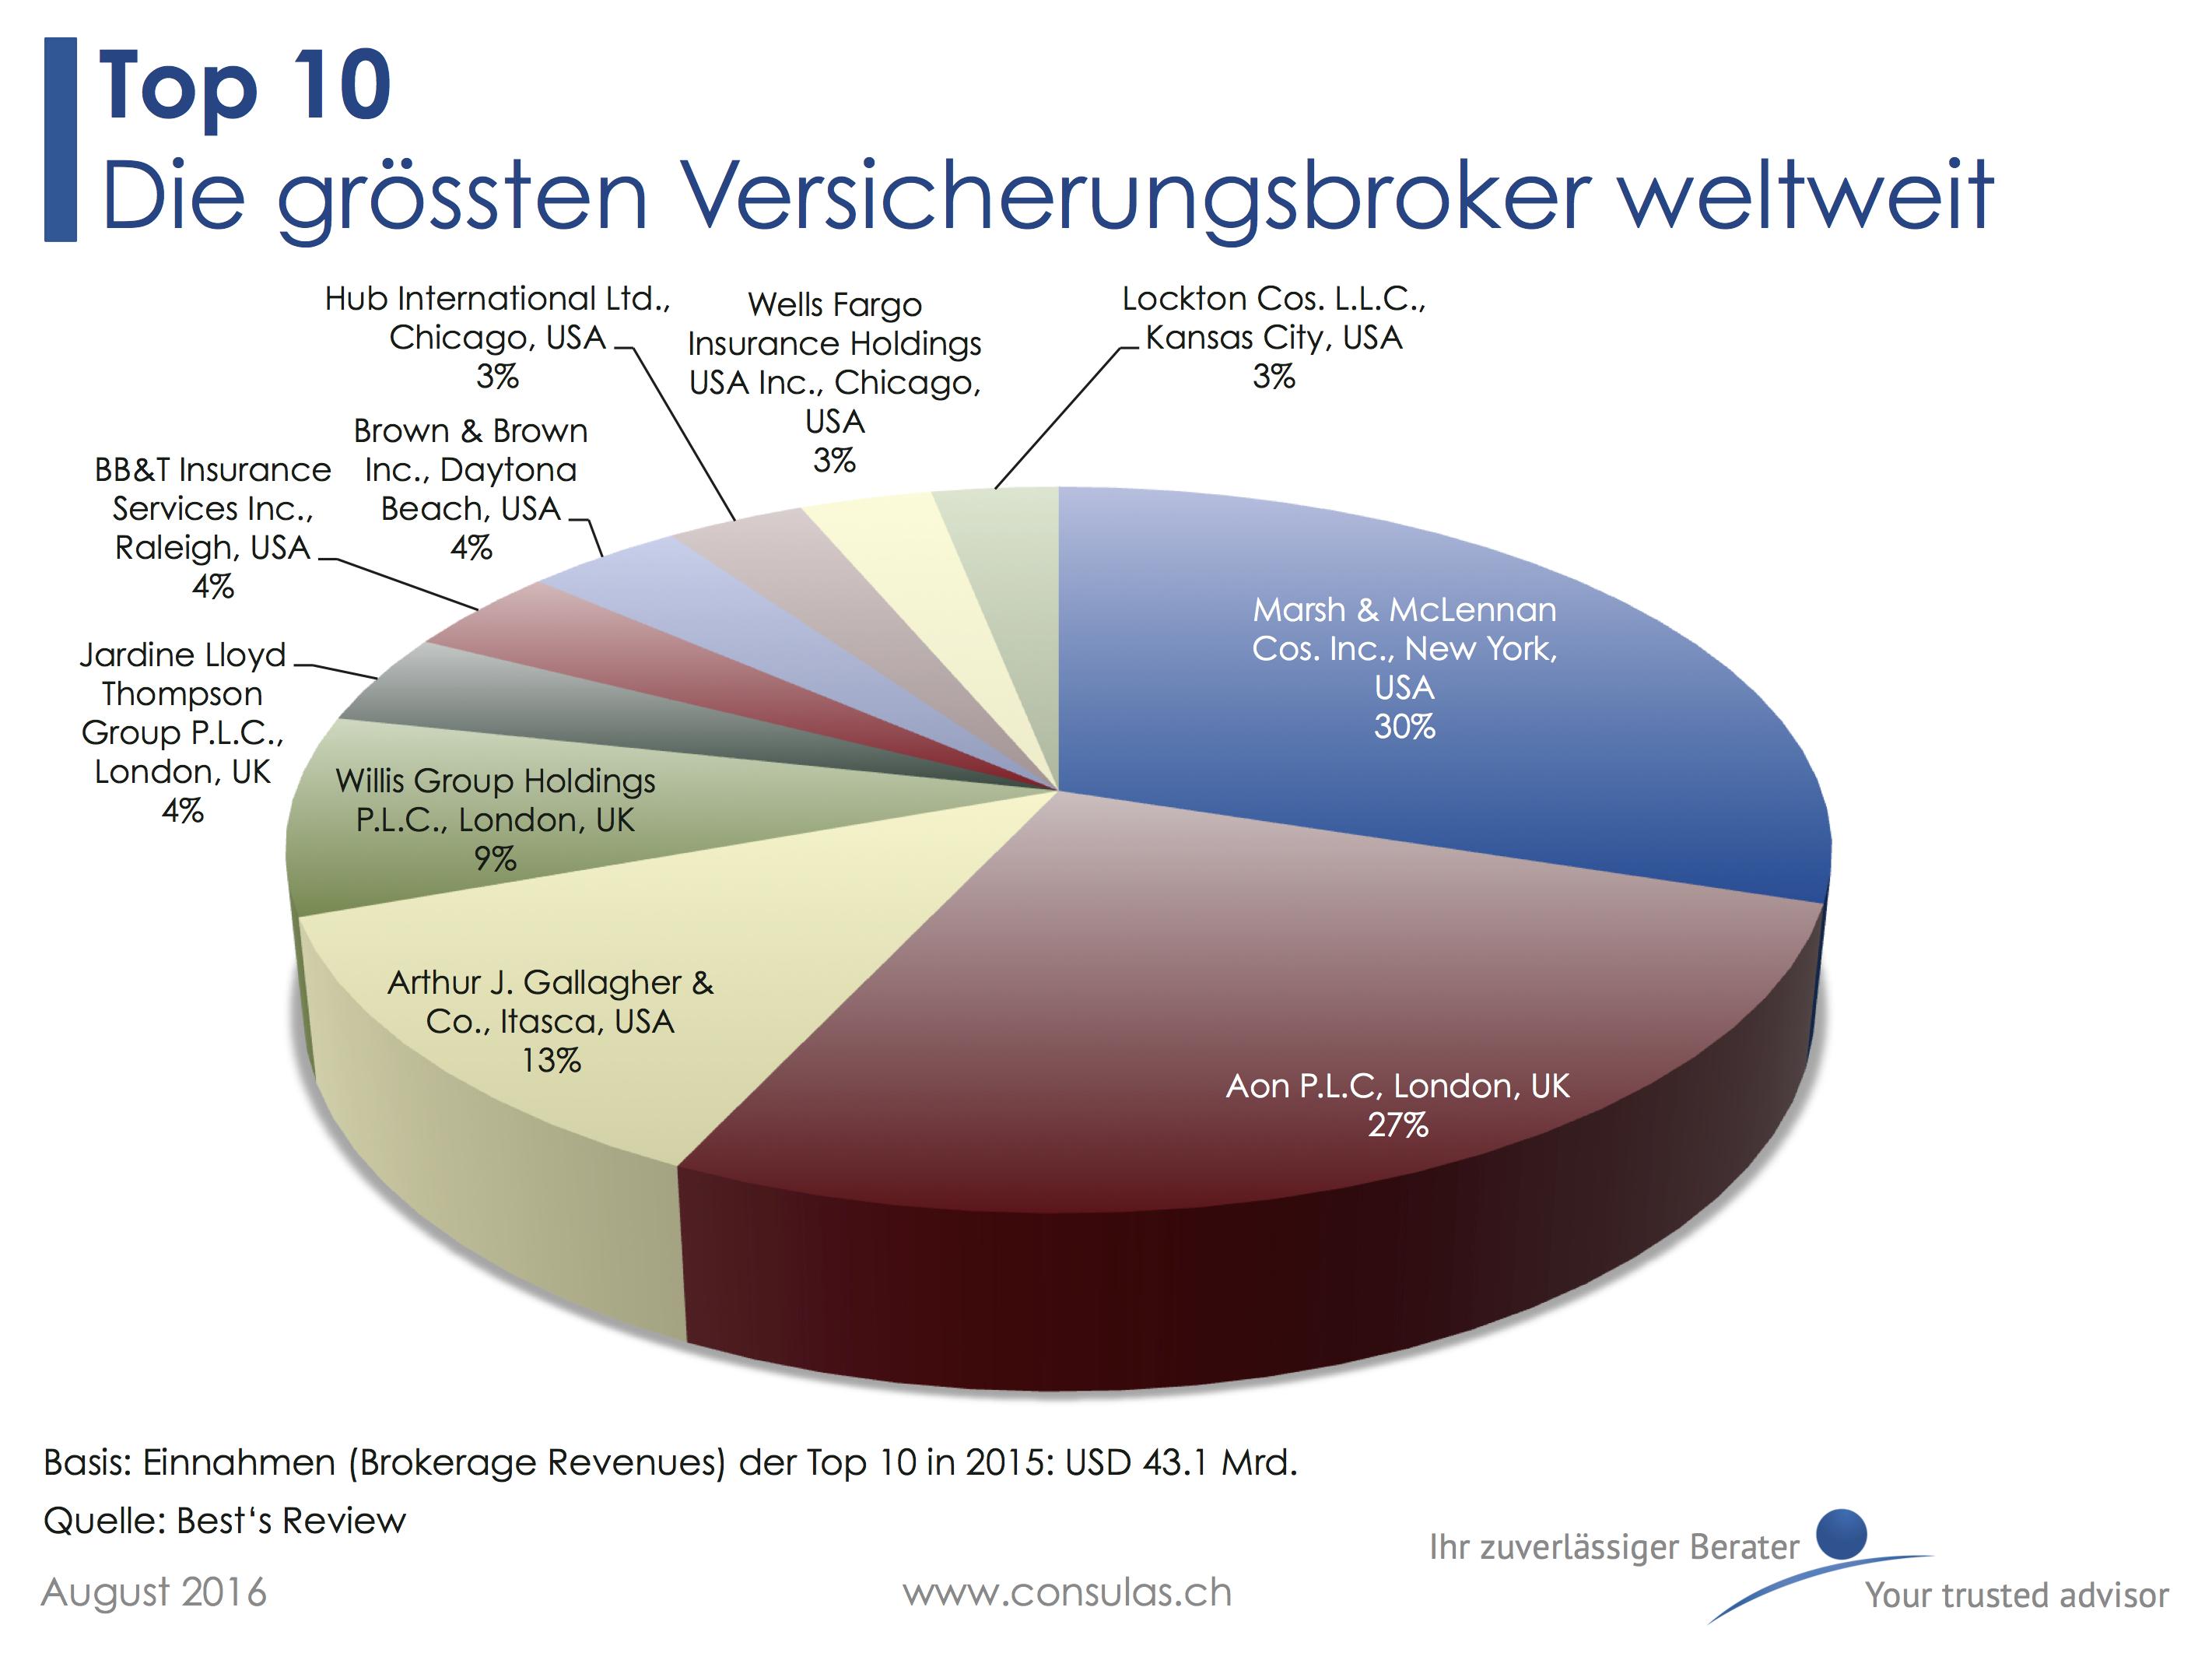 Top 10 Versicherungsbroker weltweit 2016